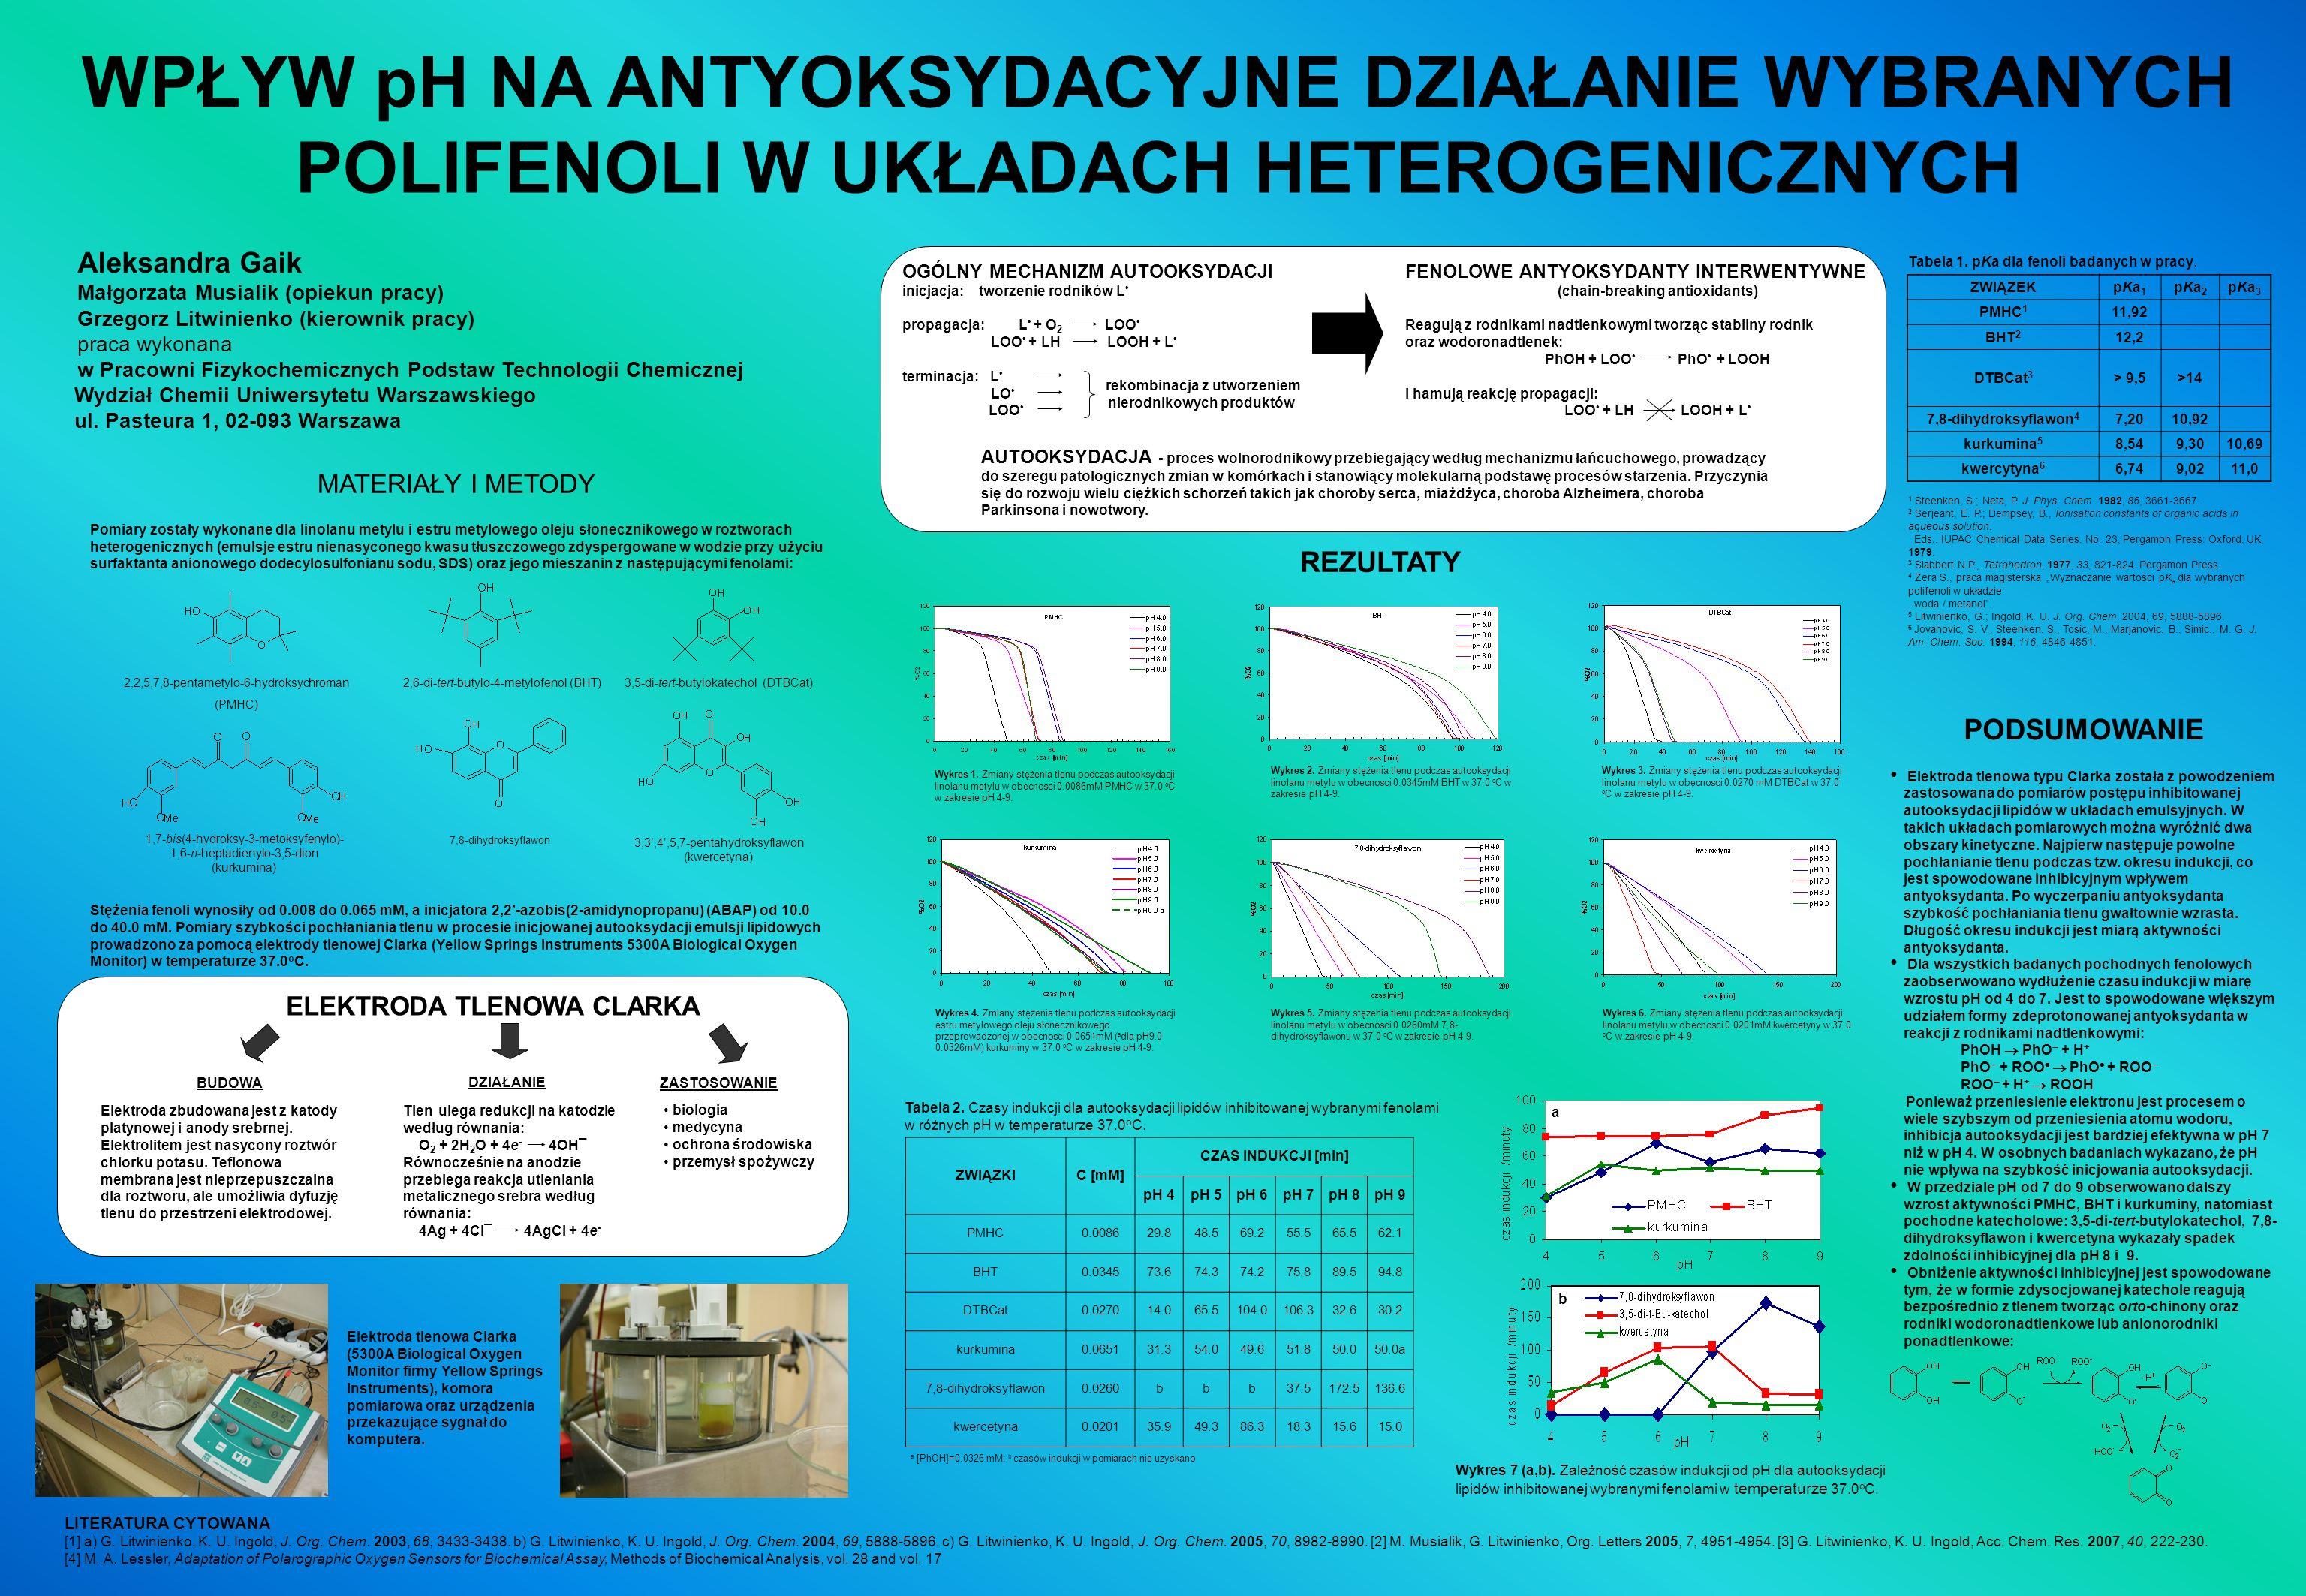 WPŁYW pH NA ANTYOKSYDACYJNE DZIAŁANIE WYBRANYCH POLIFENOLI W UKŁADACH HETEROGENICZNYCH